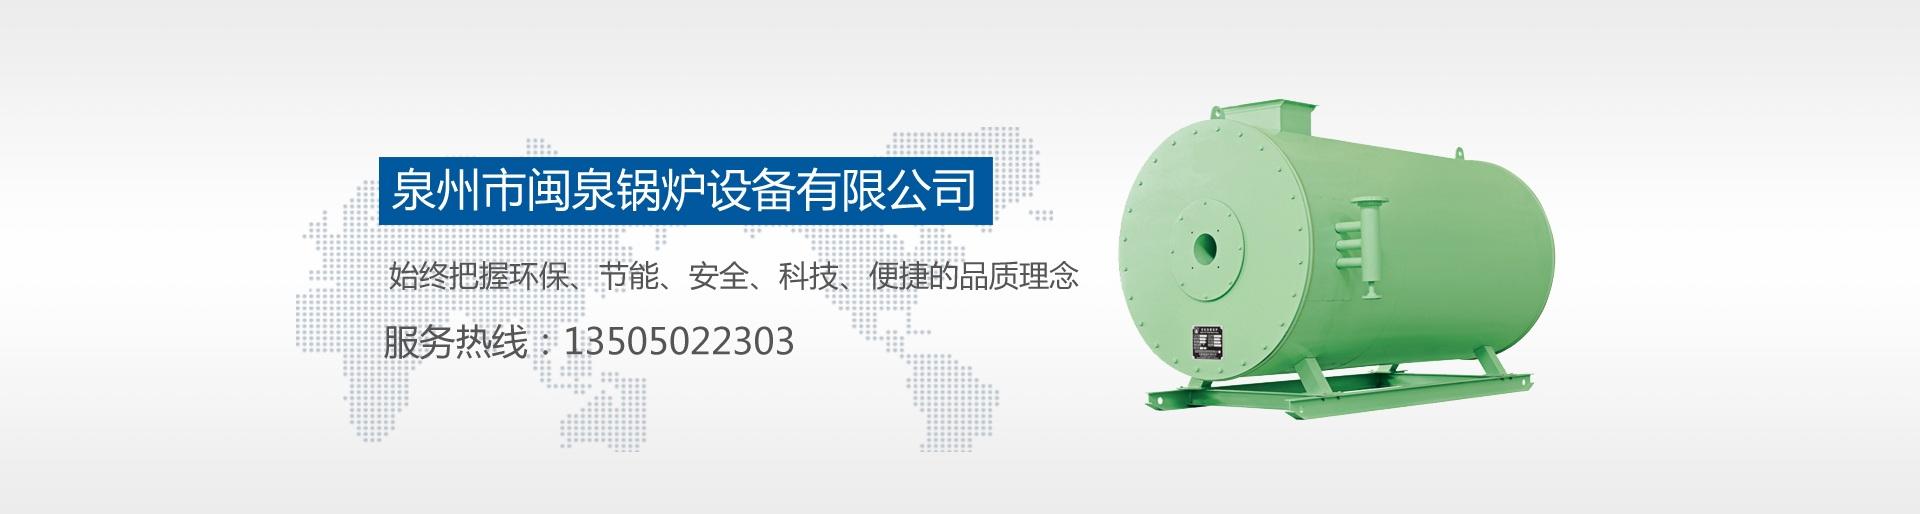 泉州市闽泉锅炉设备有限公司